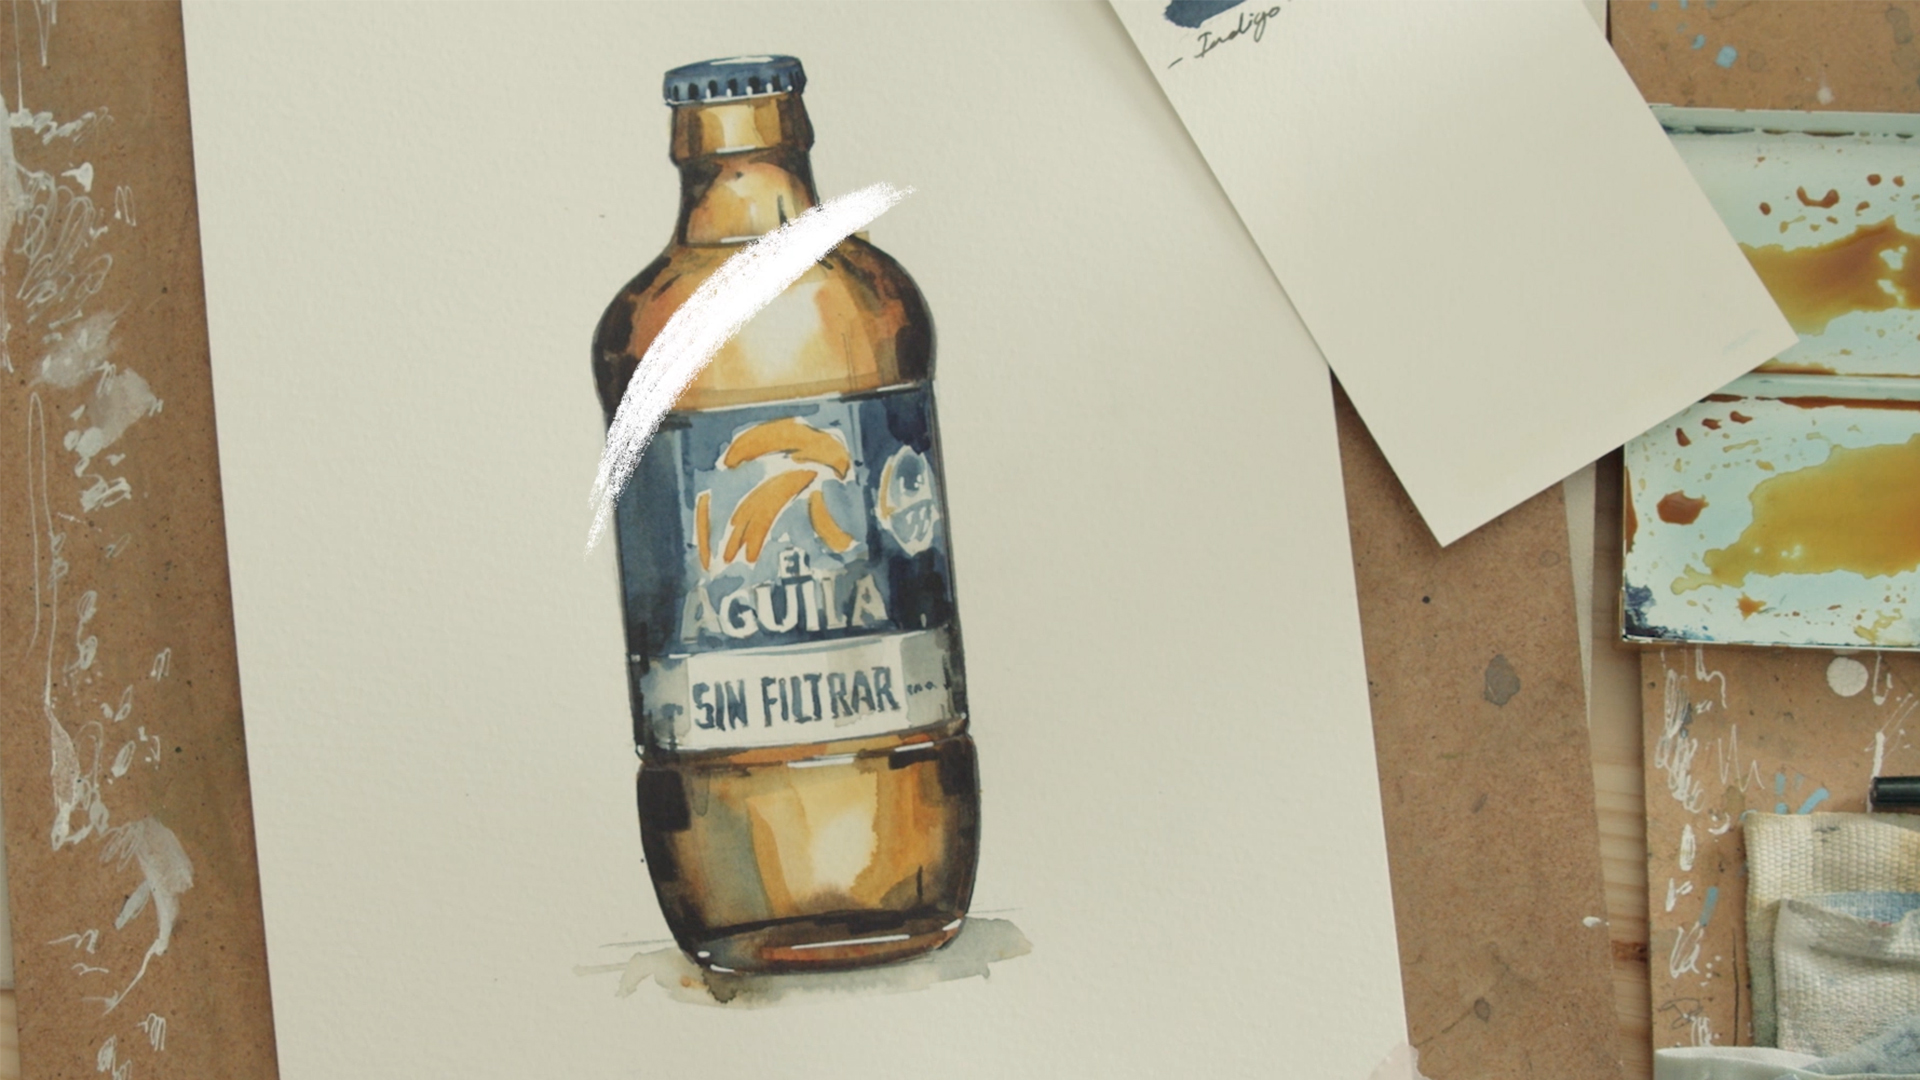 Cervezas El Águila homenajea el sabor 'sin filtros'